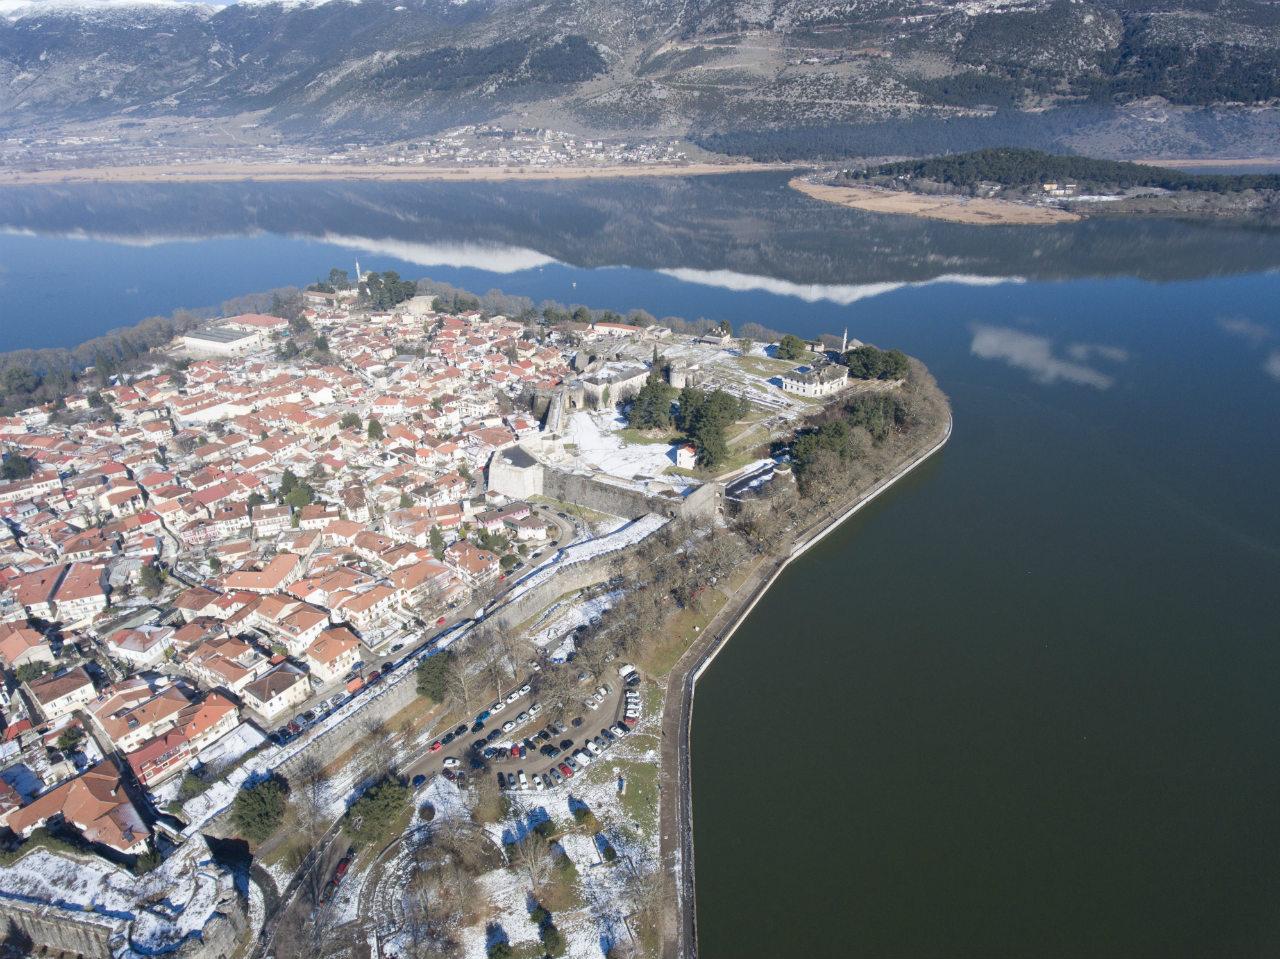 Χρόνια πολλά – Καλά Χριστούγεννα σε όλους από την Epirus News